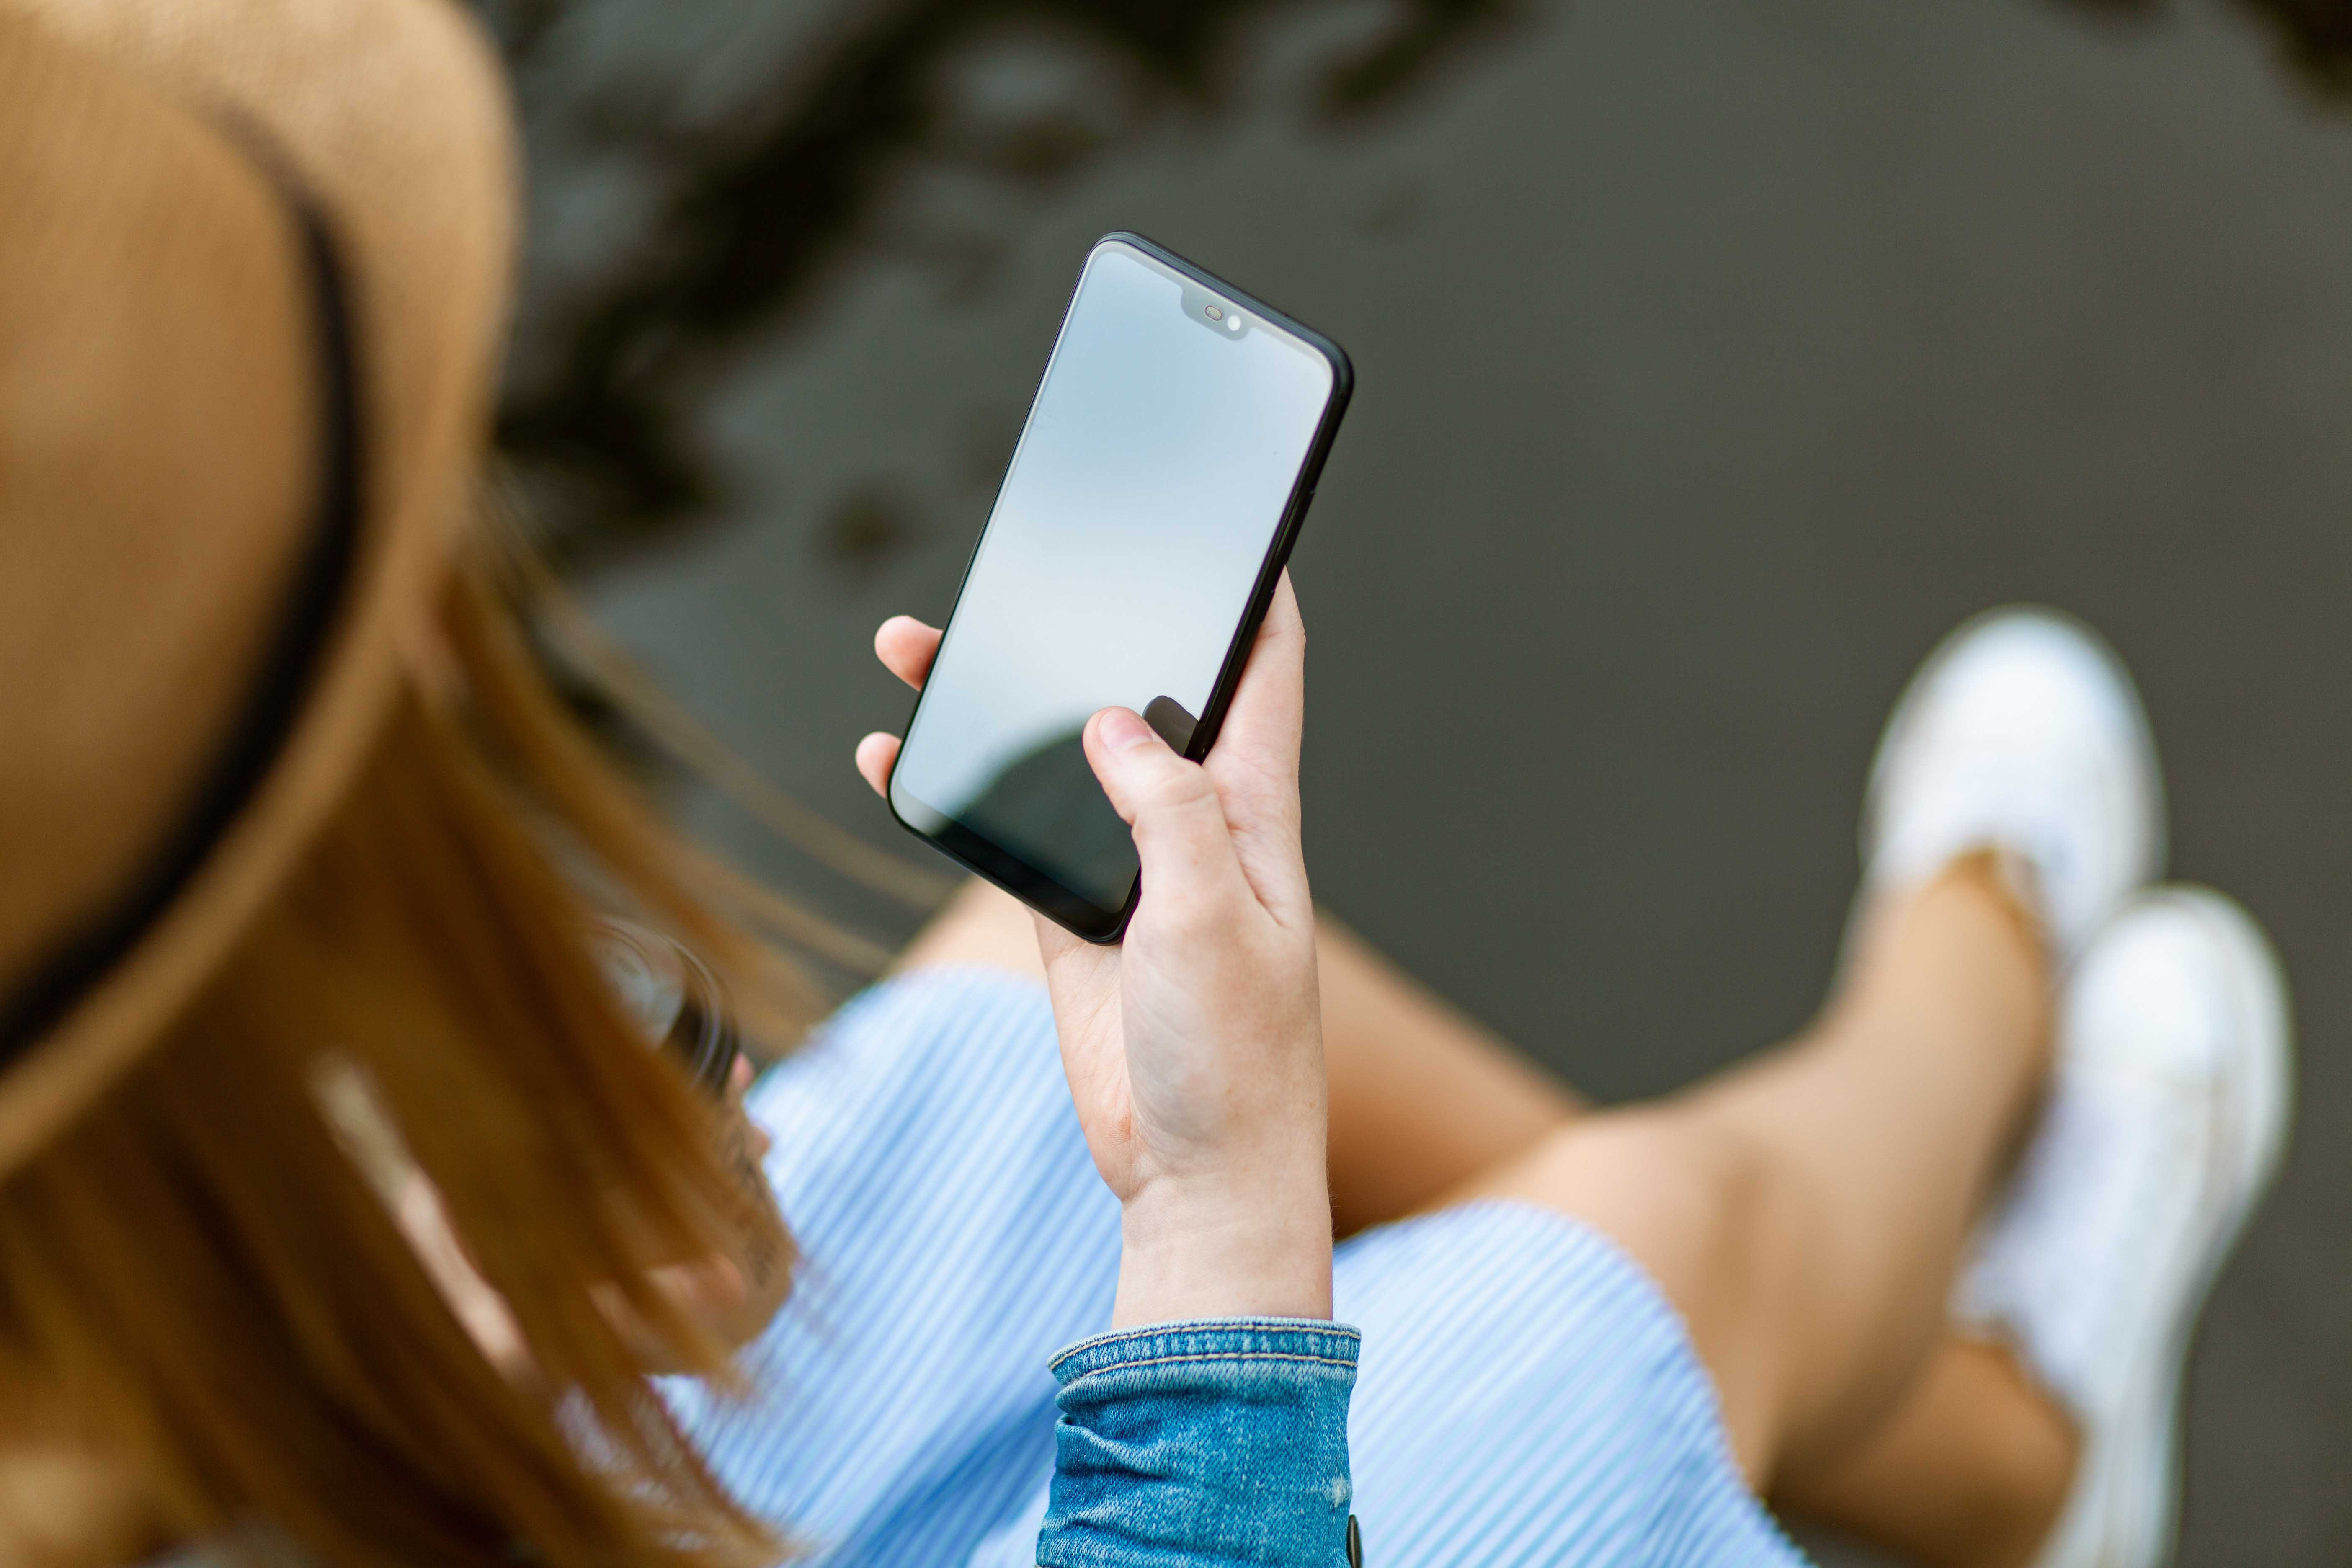 cô gái cầm điện thoại